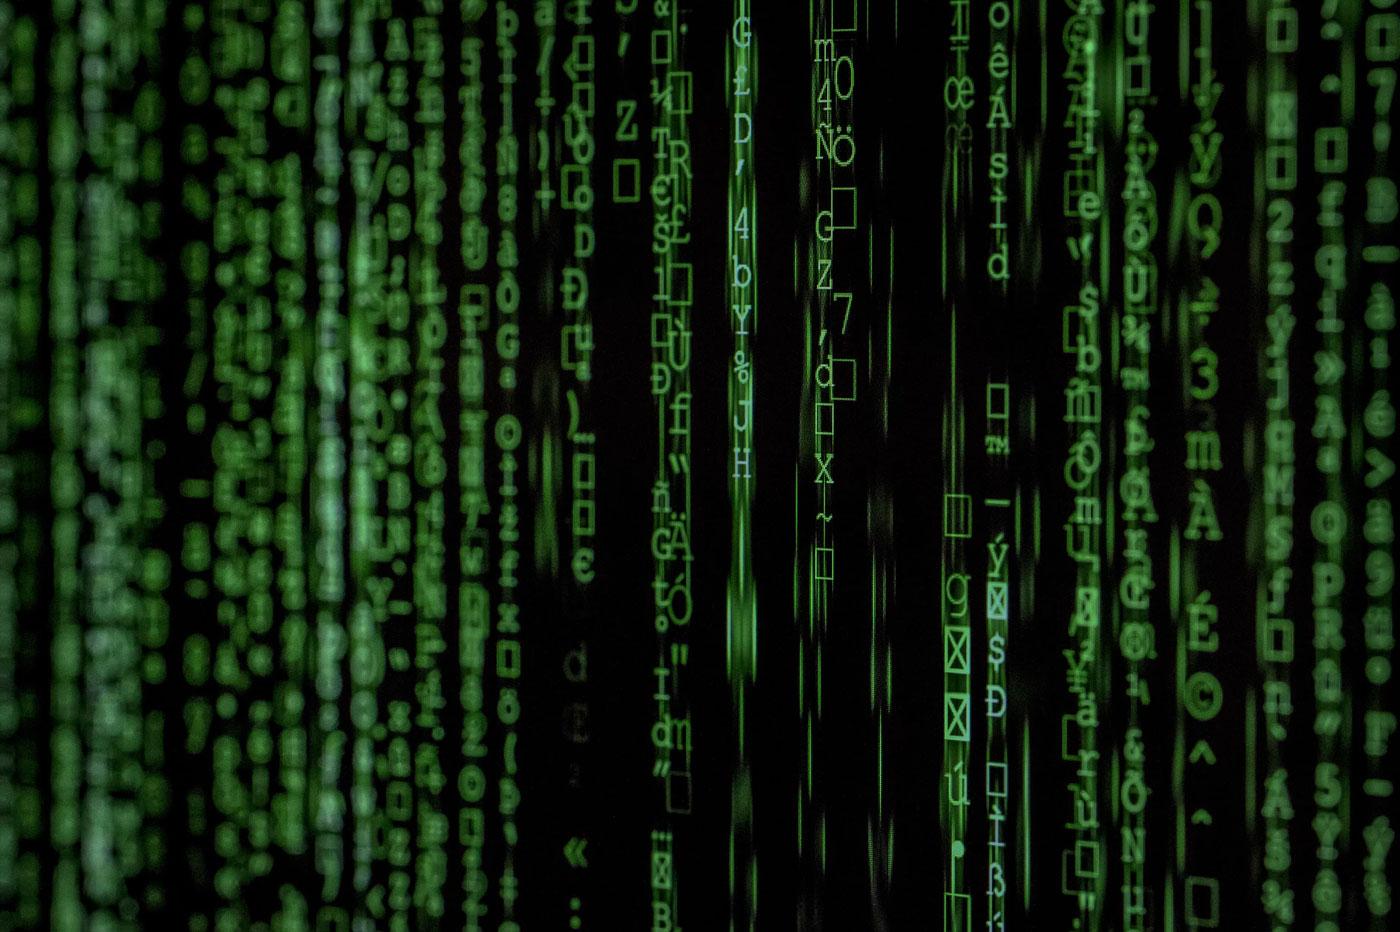 500 000 mots de passe de dispositifs IoT rendus publics